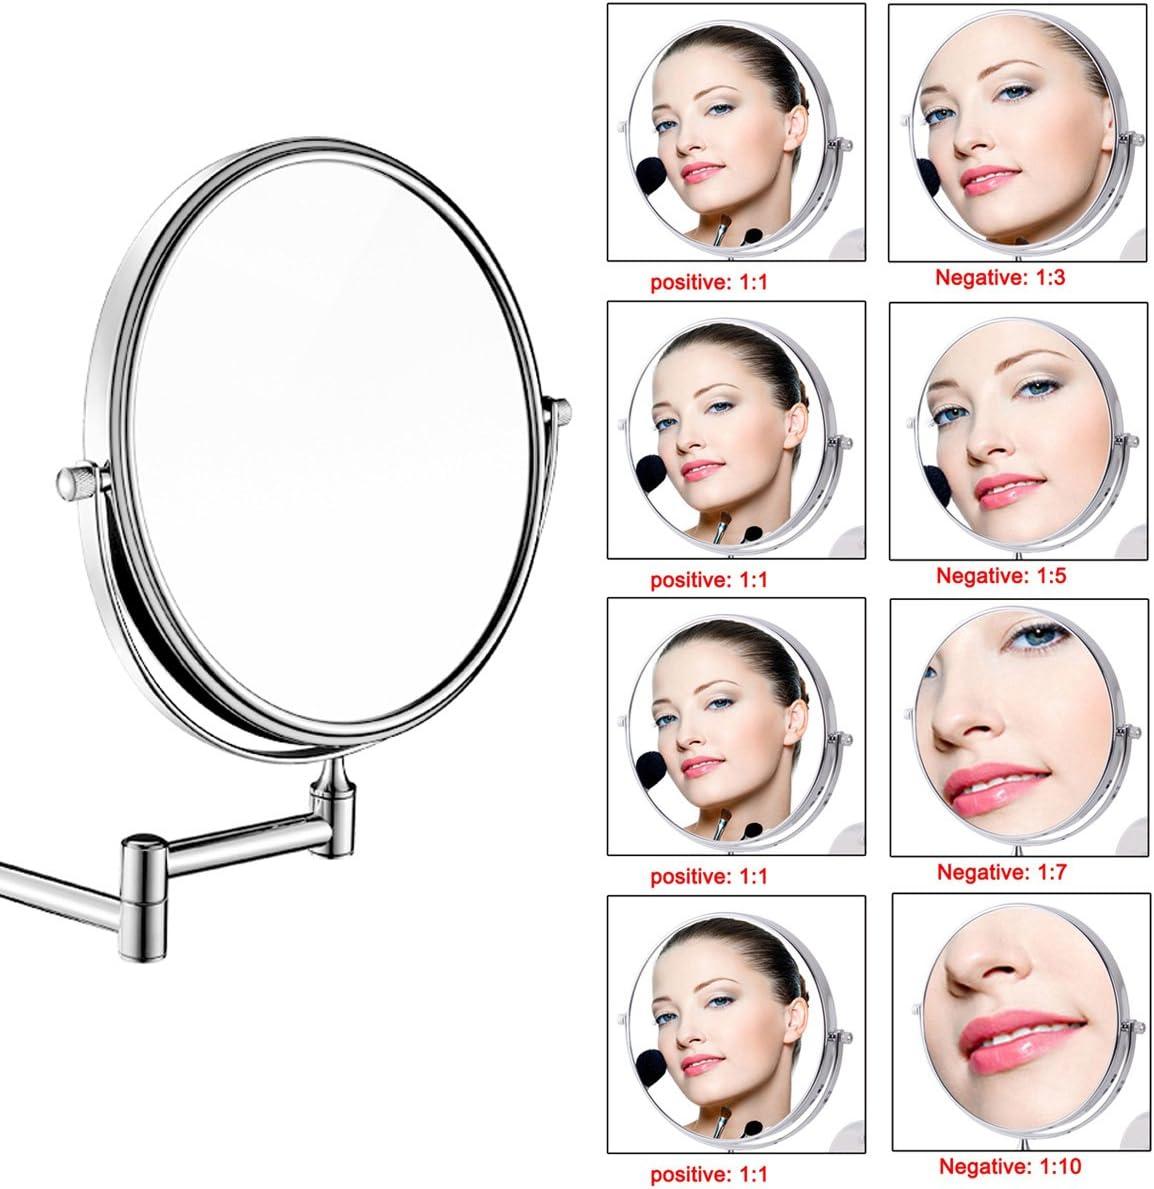 Uniquebella Schminkspiegel 7x Vergr/ö/ßerung Wandhalterung Spiegel 8 Zoll zweiseitig Vanity Kosmetikspiegel